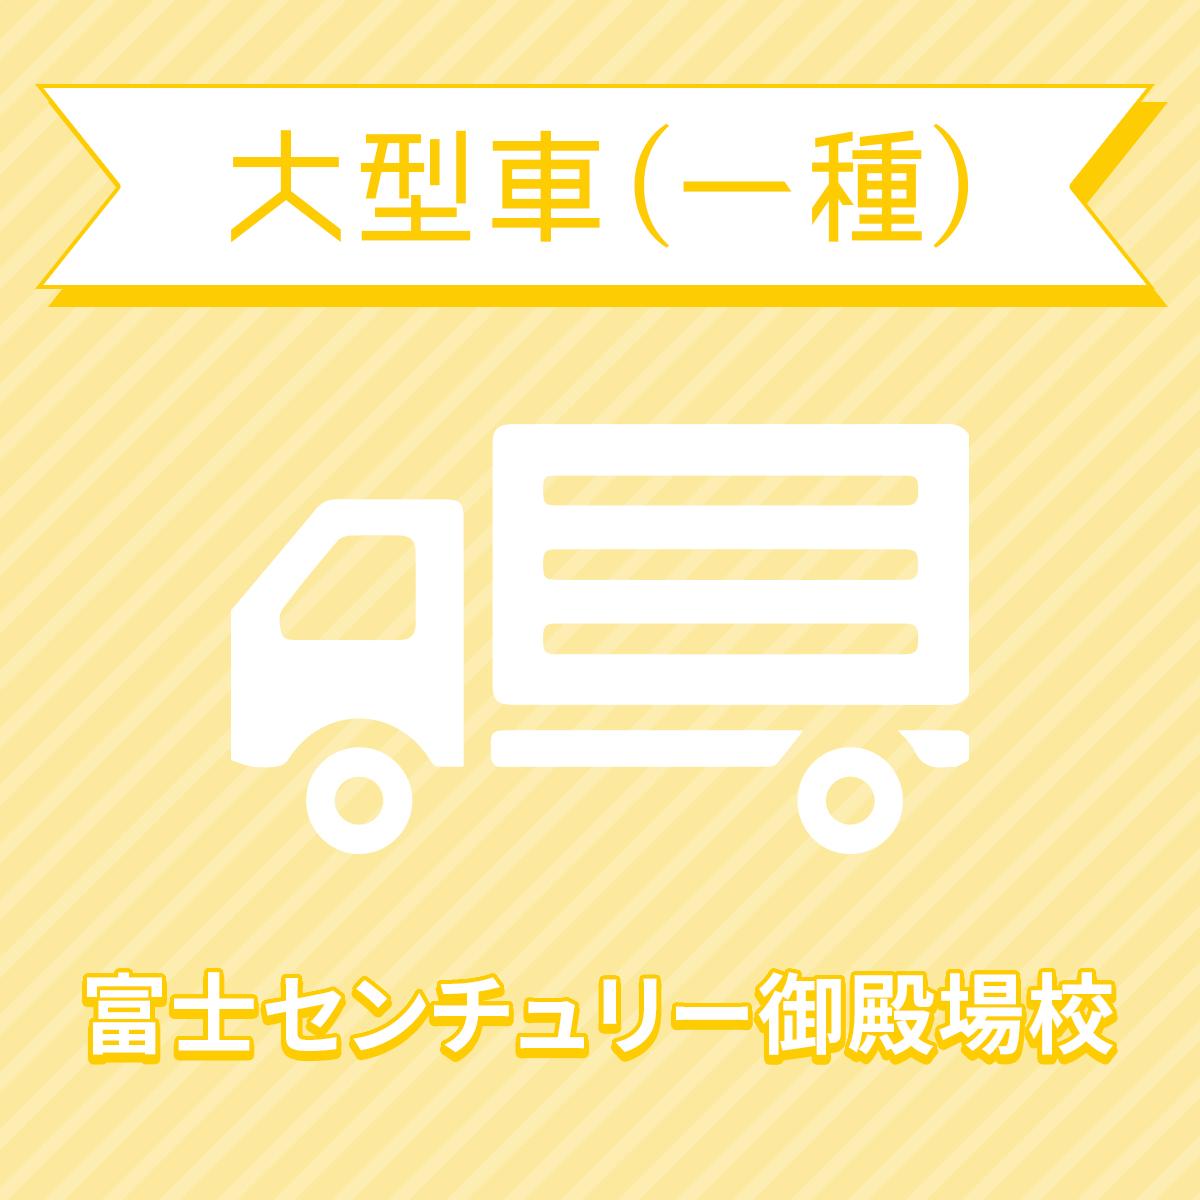 【静岡県裾野市】大型一種コース<中型8tMT免許所持対象>